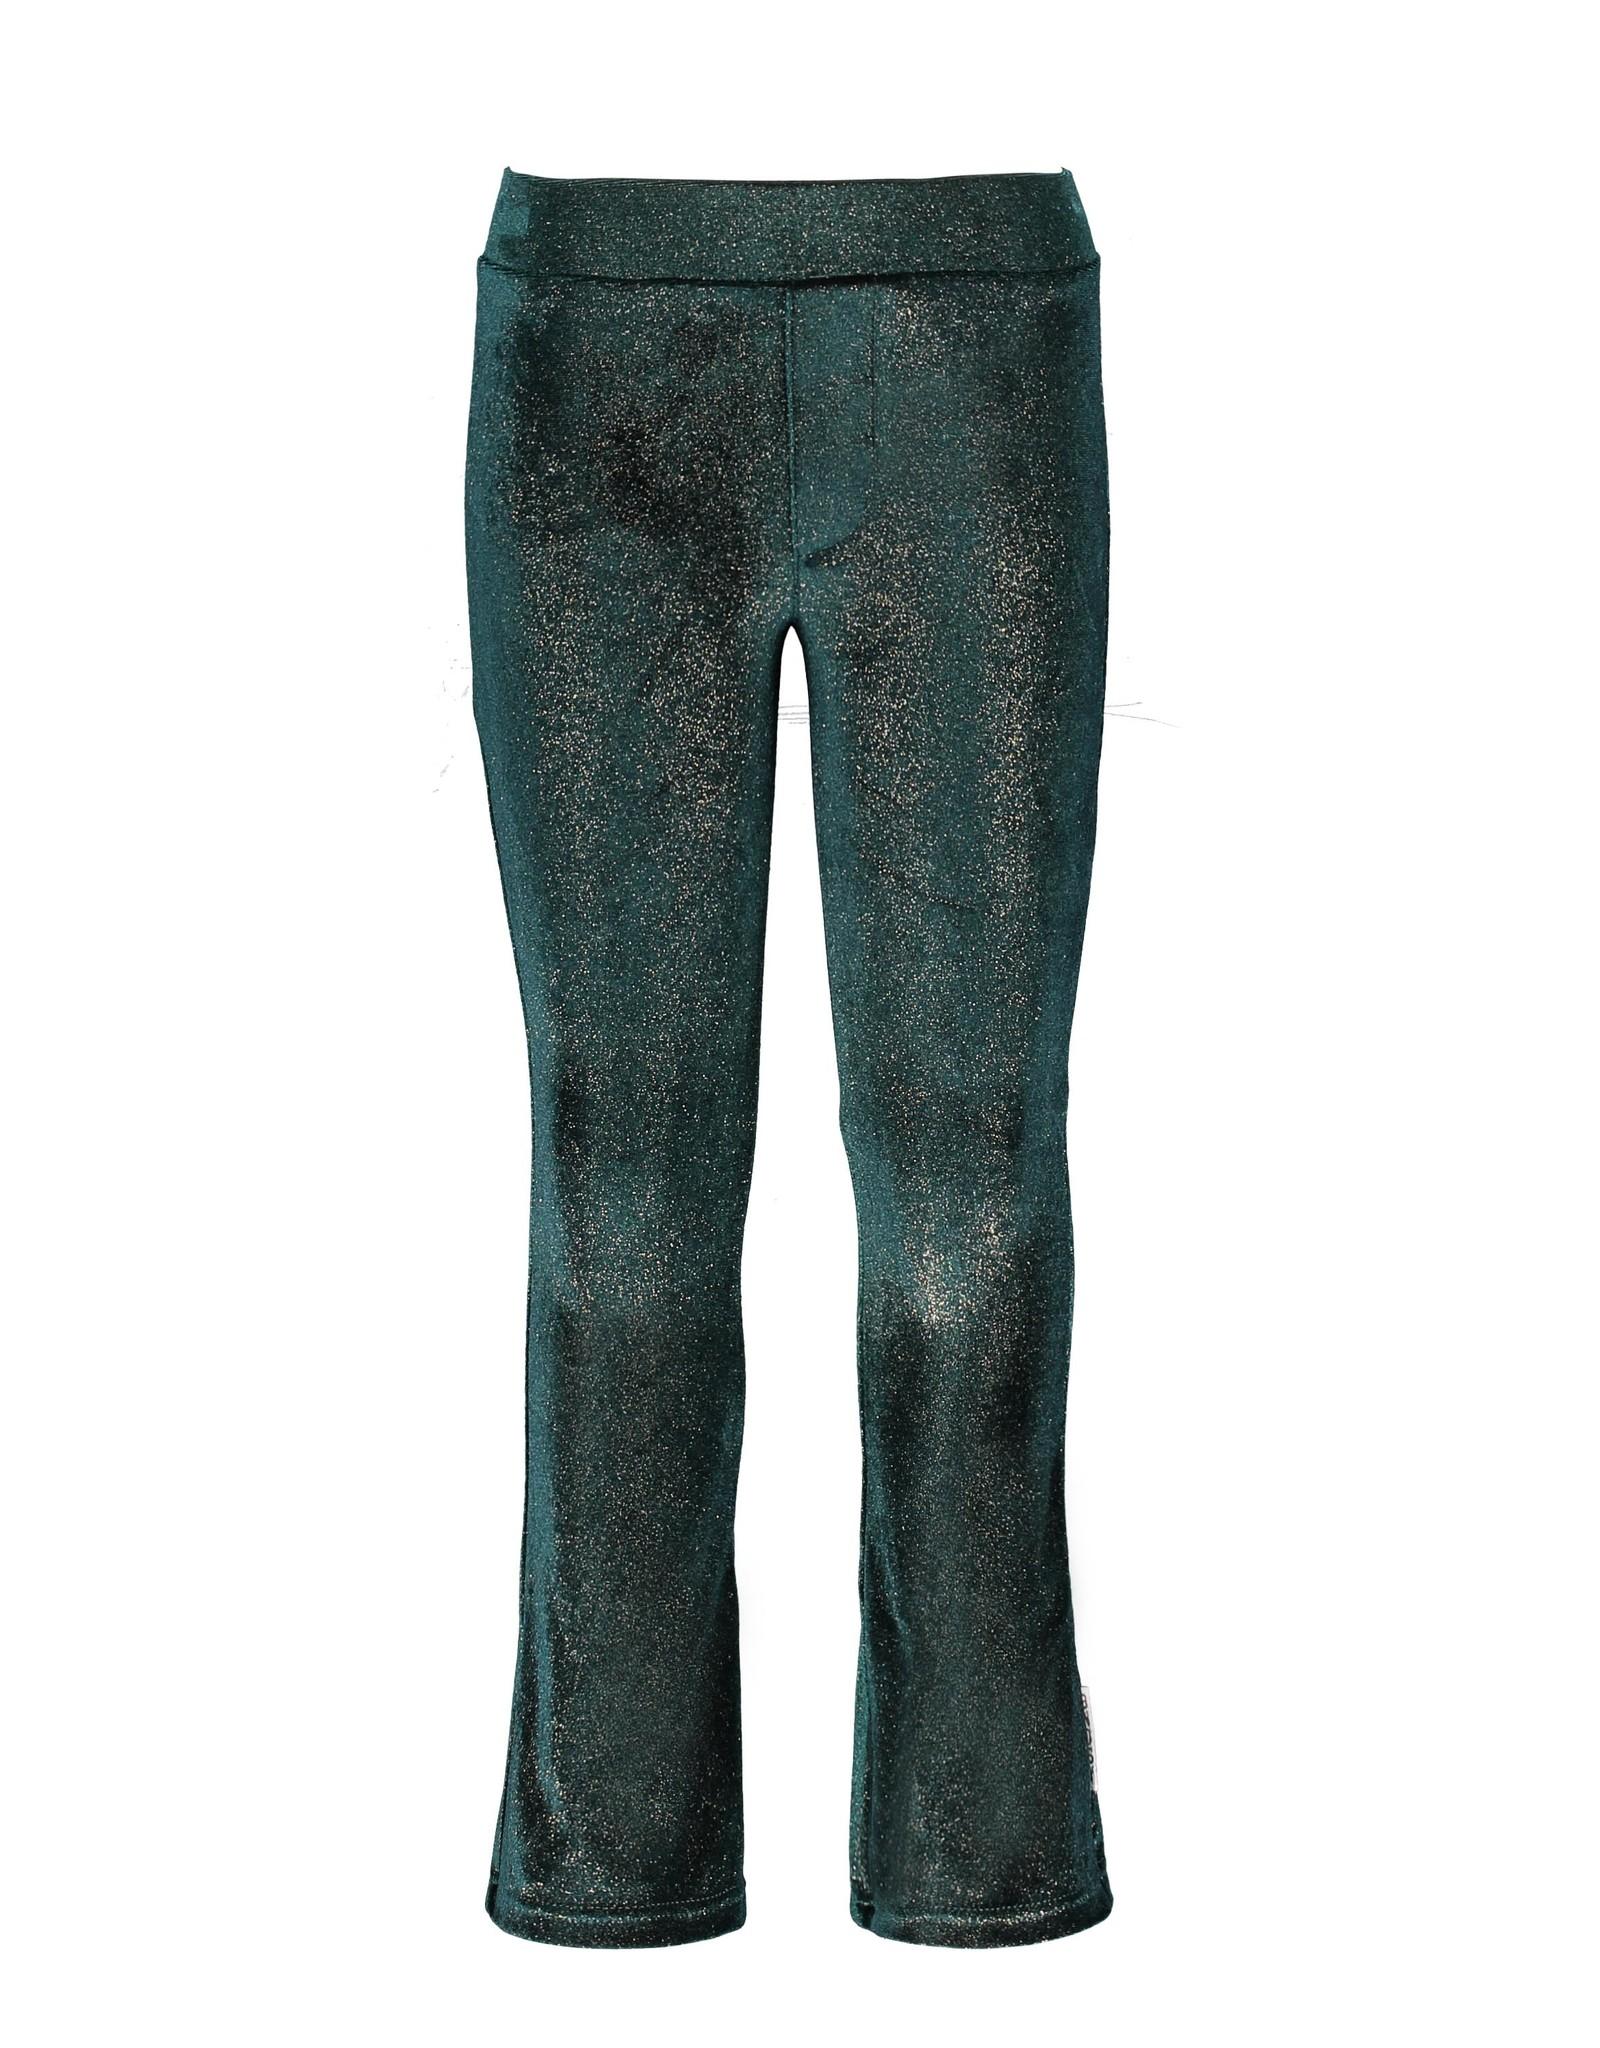 B.Nosy B.Nosy Girls Glitter Velvet Flaired pants BOTANICAL GREEN